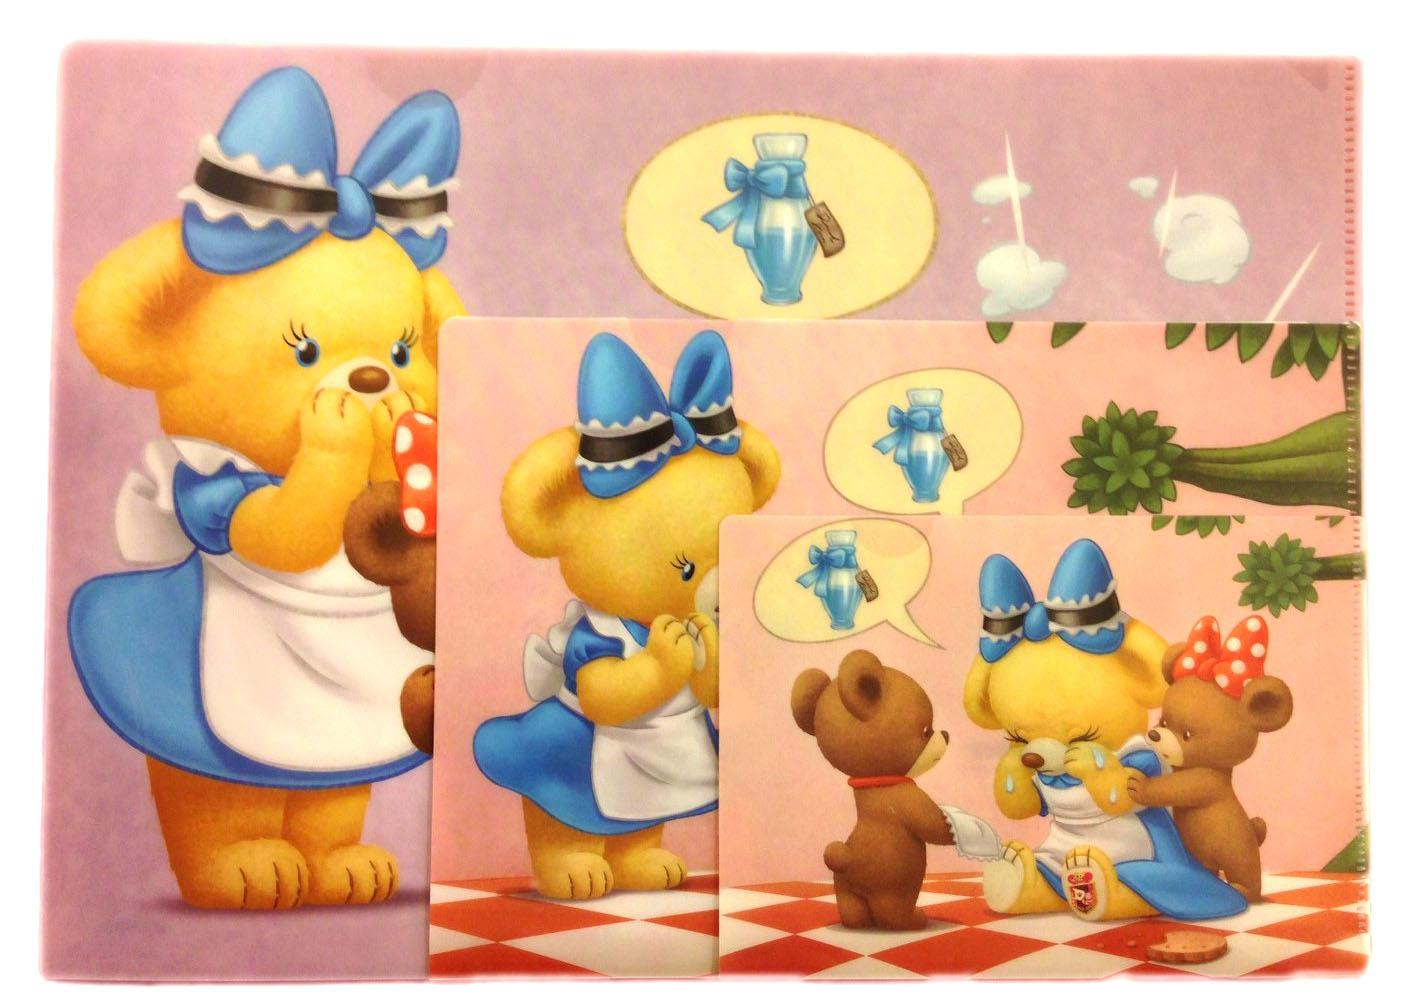 【真愛日本】 16070800060專賣店資料夾3入-大學熊變裝艾莉絲紫 迪士尼專賣店限定 資料夾 文件夾 文具用品